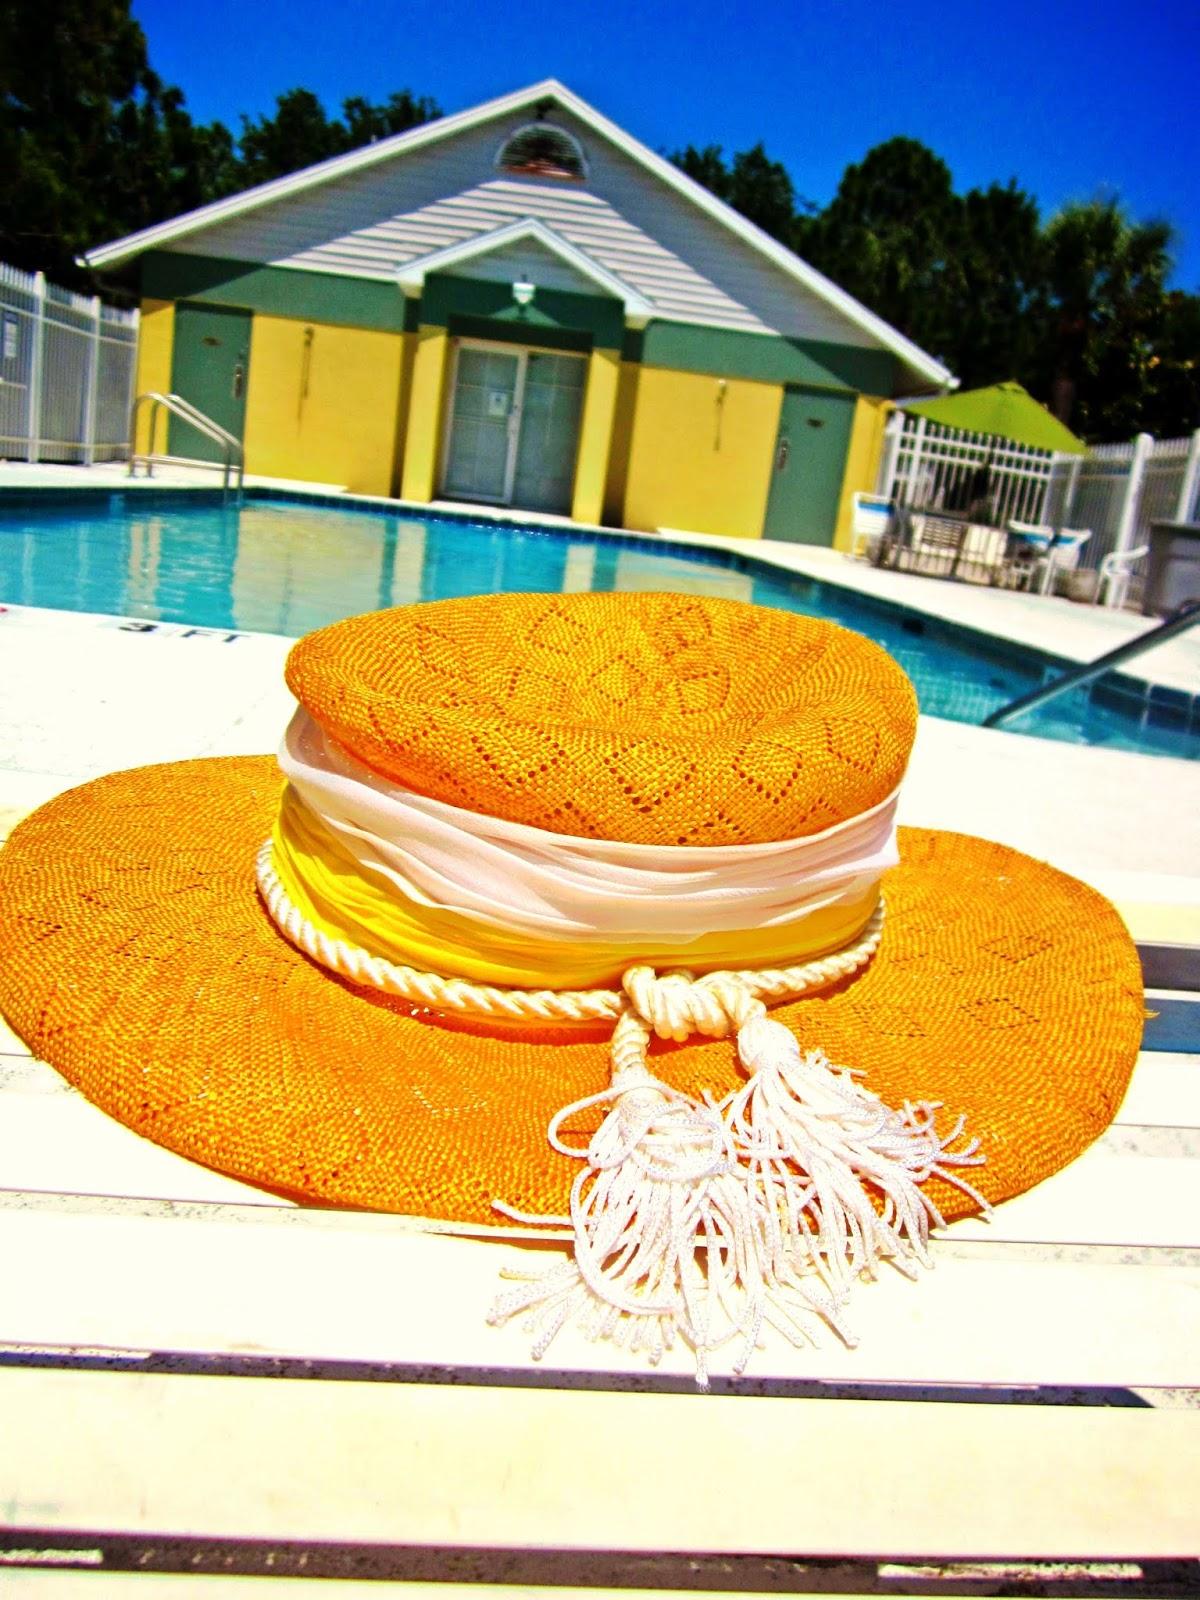 Vintage Summer Straw Hat, Yellow Vintage Straw Hat, 1970s Vintage Straw Hat, Yellow Poolhouse